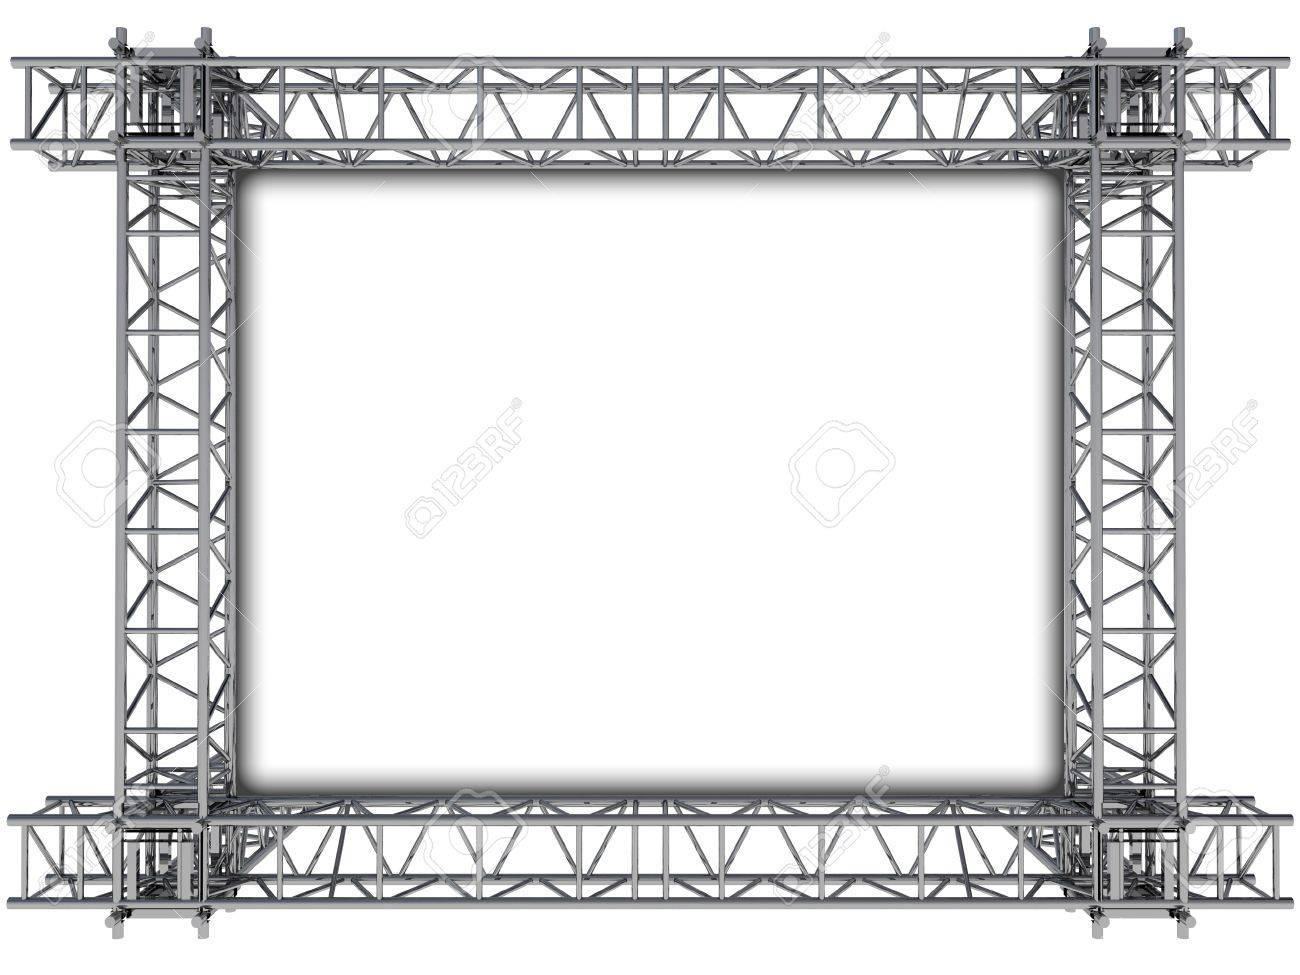 Eisen Rechteckige Konstruktion Rahmen Für Text Illustration ...